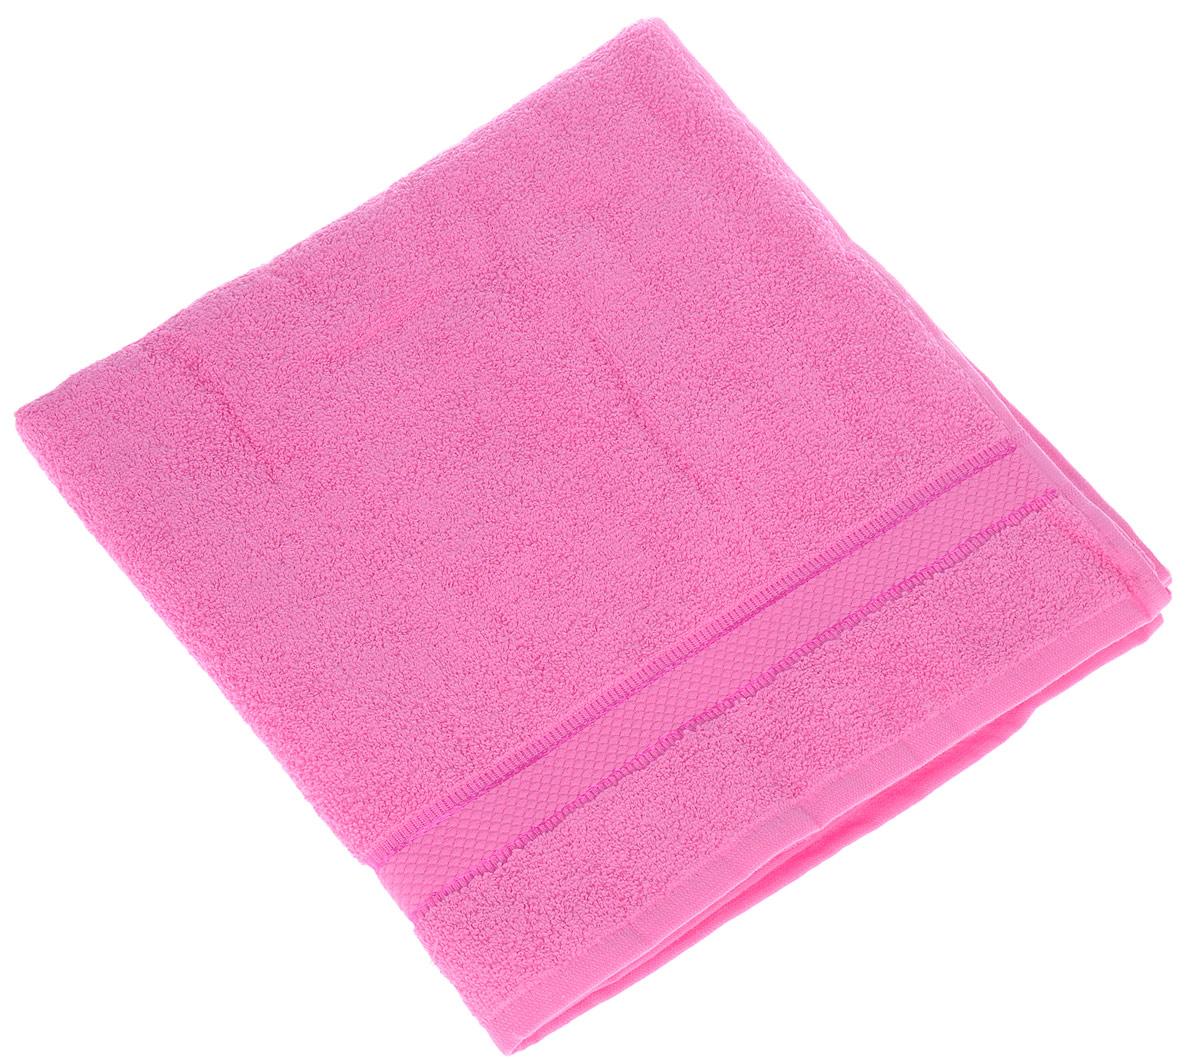 Полотенце Brielle Basic, цвет: фуксия, 70 х 140 см531-105Полотенце Brielle Basic выполнено из 100% хлопка. Изделие очень мягкое, оно отлично впитывает влагу, быстро сохнет, сохраняет яркость цвета и не теряет формы даже после многократных стирок. Лаконичные бордюры подойдут для любого интерьера ванной комнаты. Полотенце прекрасно впитывает влагу и быстро сохнет. При соблюдении рекомендаций по уходу не линяет и не теряет форму даже после многократных стирок.Полотенце Brielle Basic очень практично и неприхотливо в уходе.Такое полотенце послужит приятным подарком.